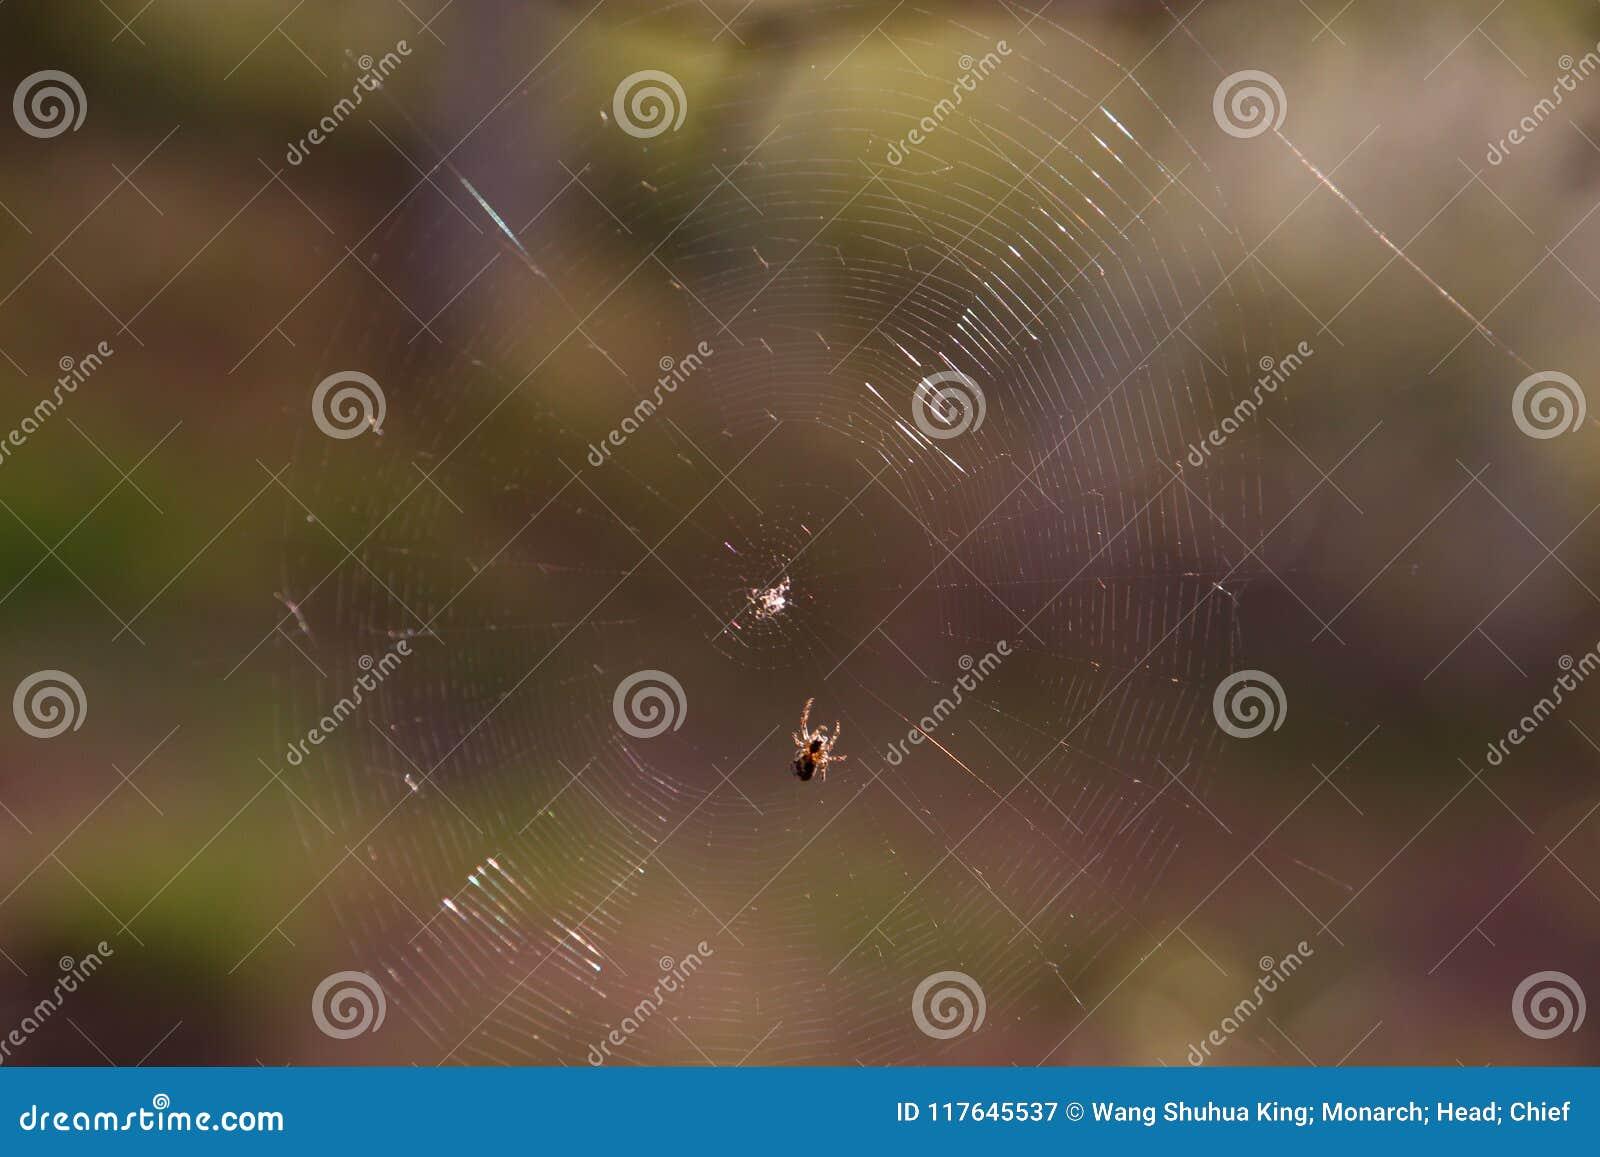 Pajęczyna; pająk sieć; tela aranea; [ç  µå ½ ±] Das Spinnennetz